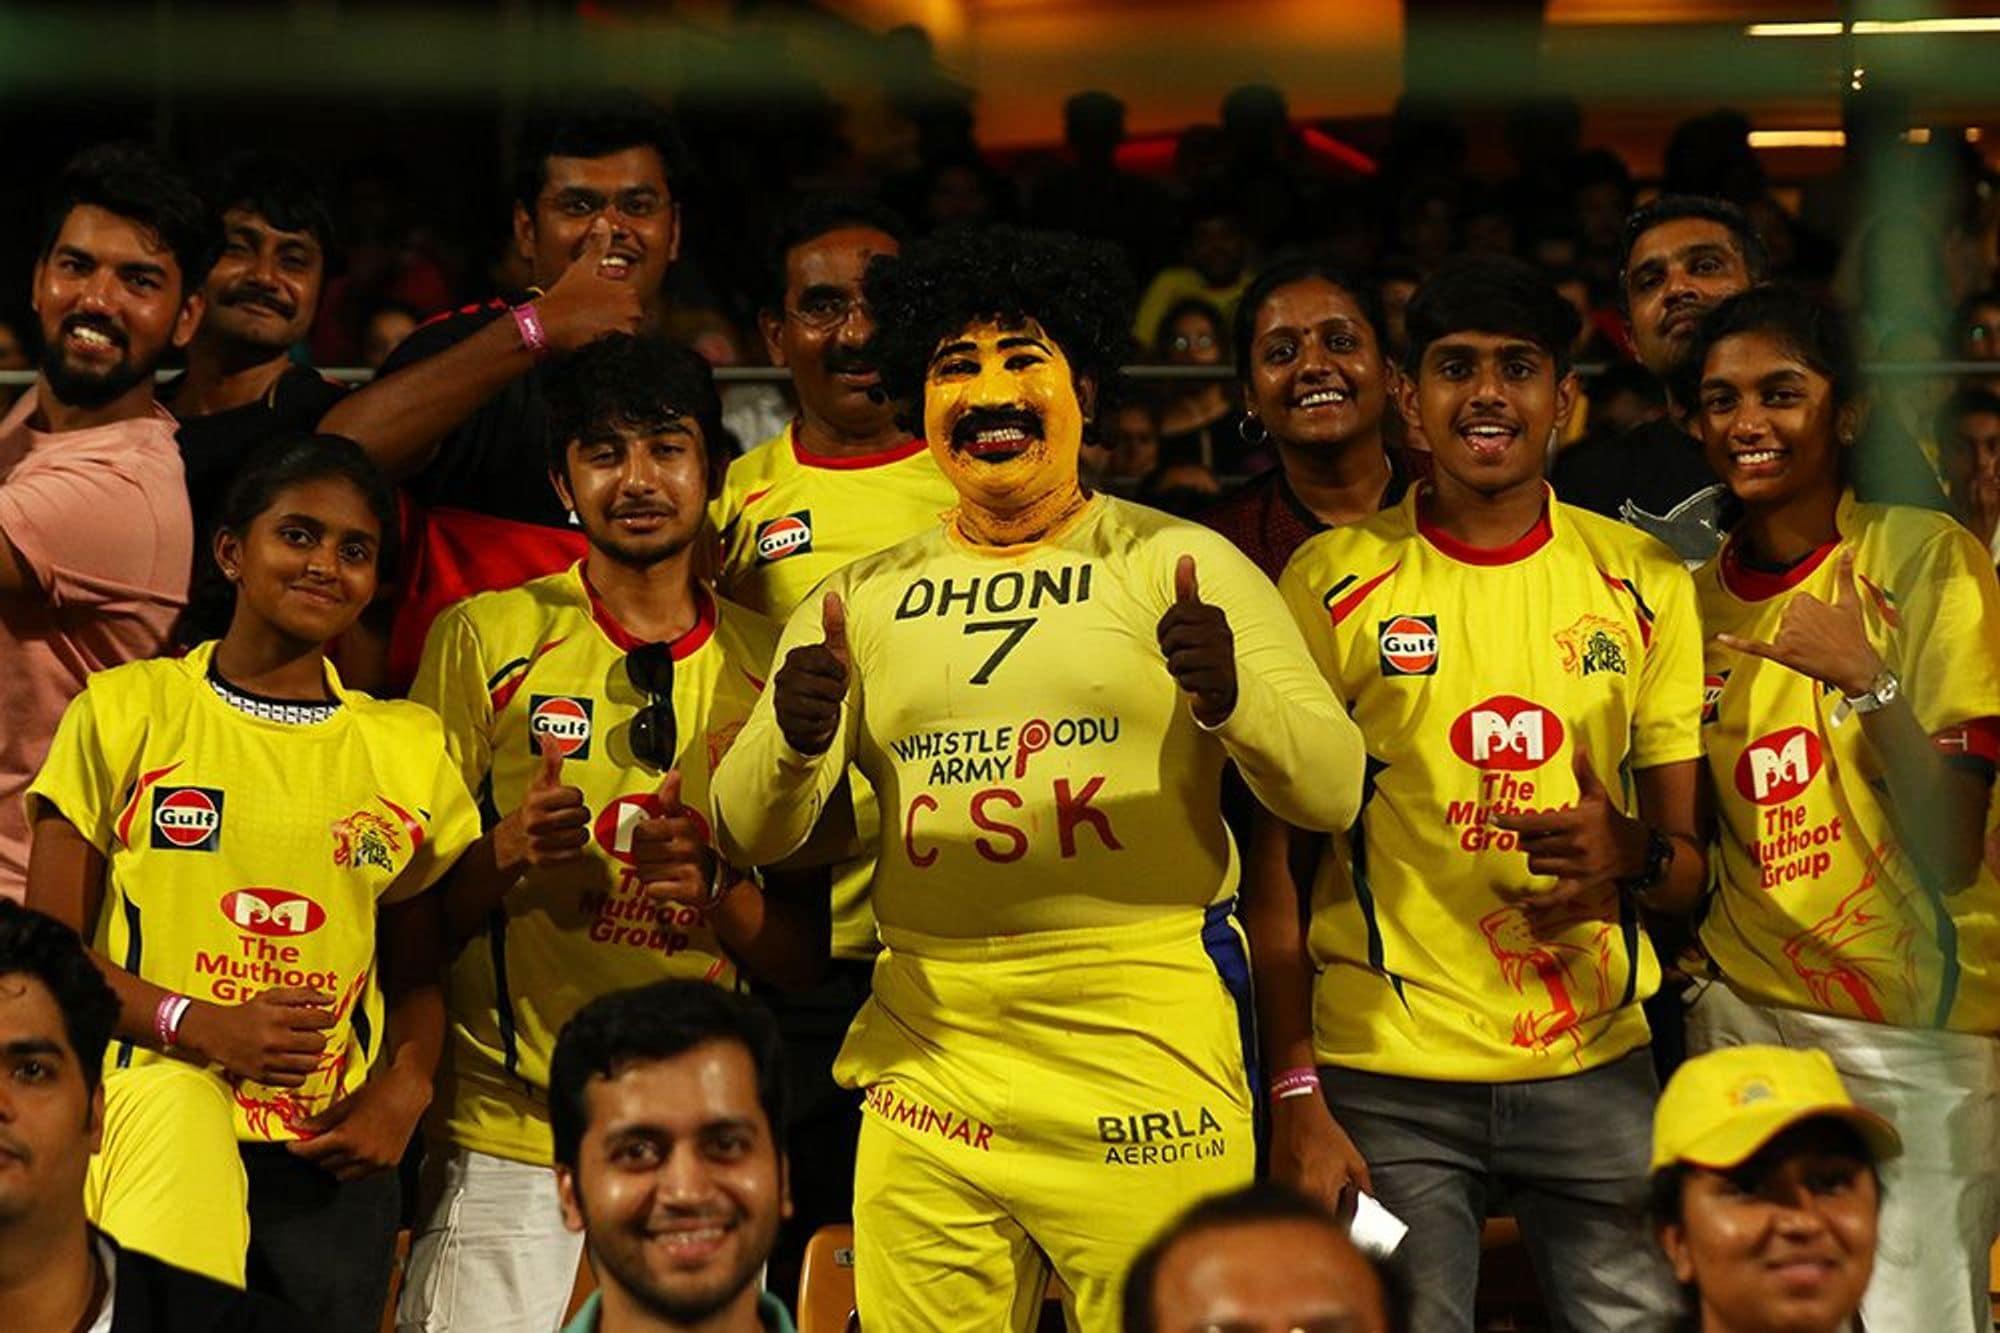 धोनी की सफलता का पहला राज है कि चेन्नई को अपना अभेद किला बनाना. जी हां धोनी को उनके होम ग्राउंड पर हराना काफी मुश्किल है. चेन्नई ने अपने होम ग्राउंड पर खेले पिछले 20 मैचों में से धोनी ने 18 में जीत हासिल की है. (PC -IPL)